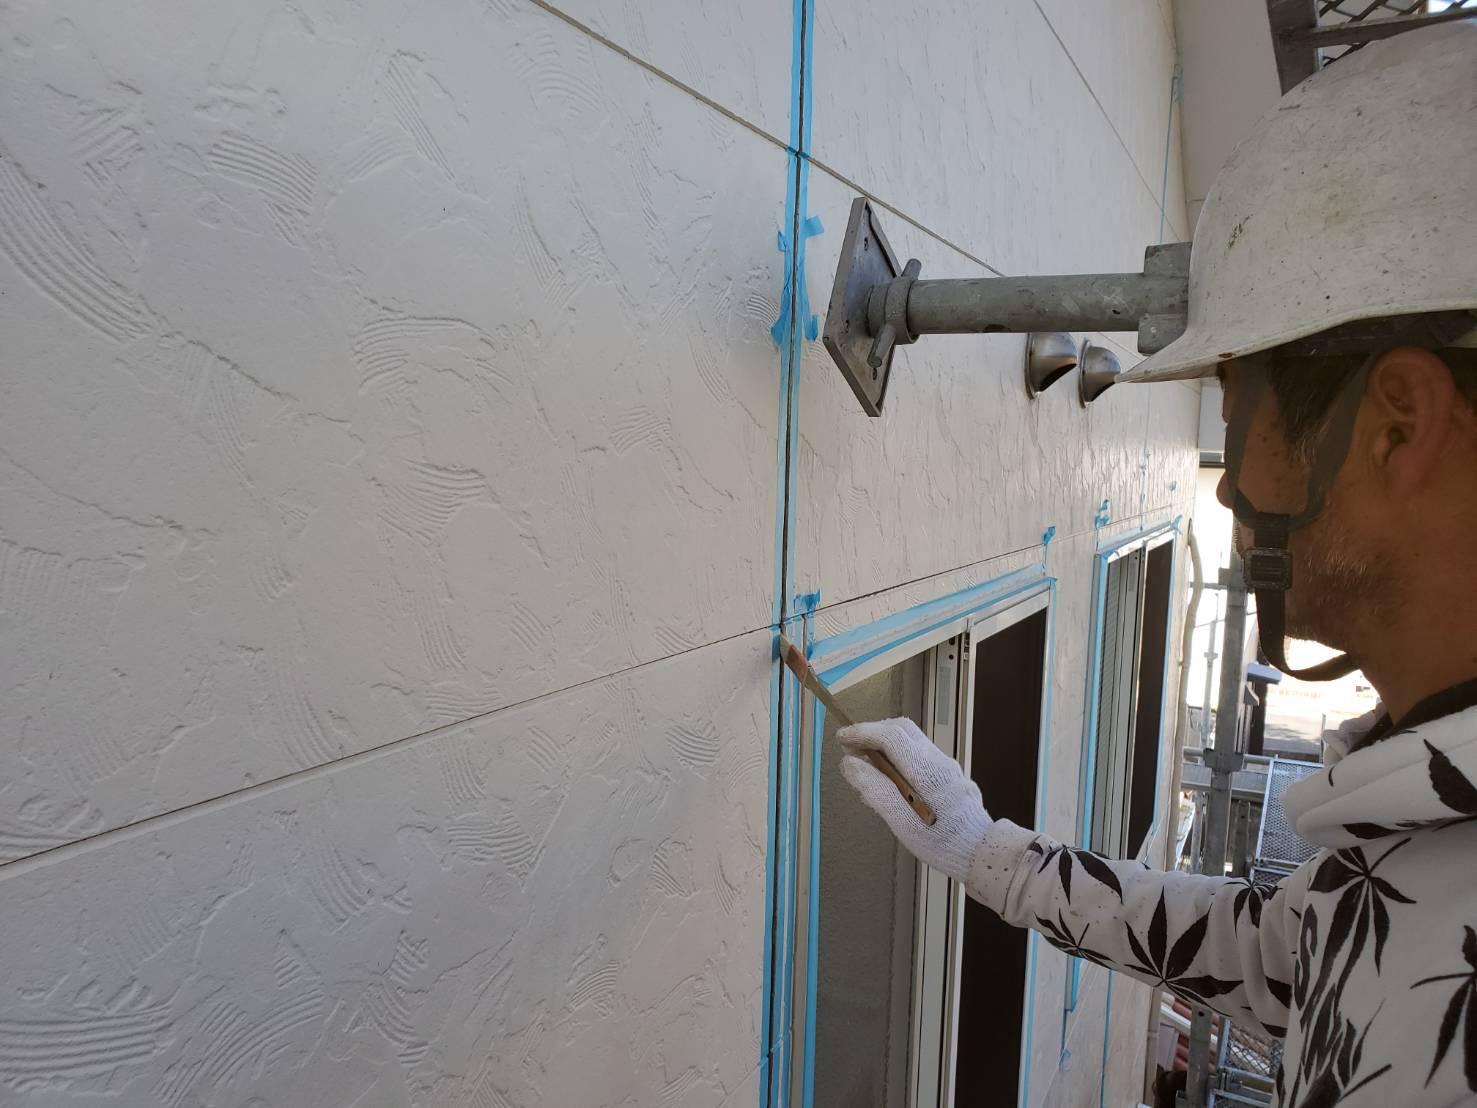 外壁塗装 佐賀 外壁 サイディングボード コーキングプライマー塗り コーキング シーリング プライマー塗り